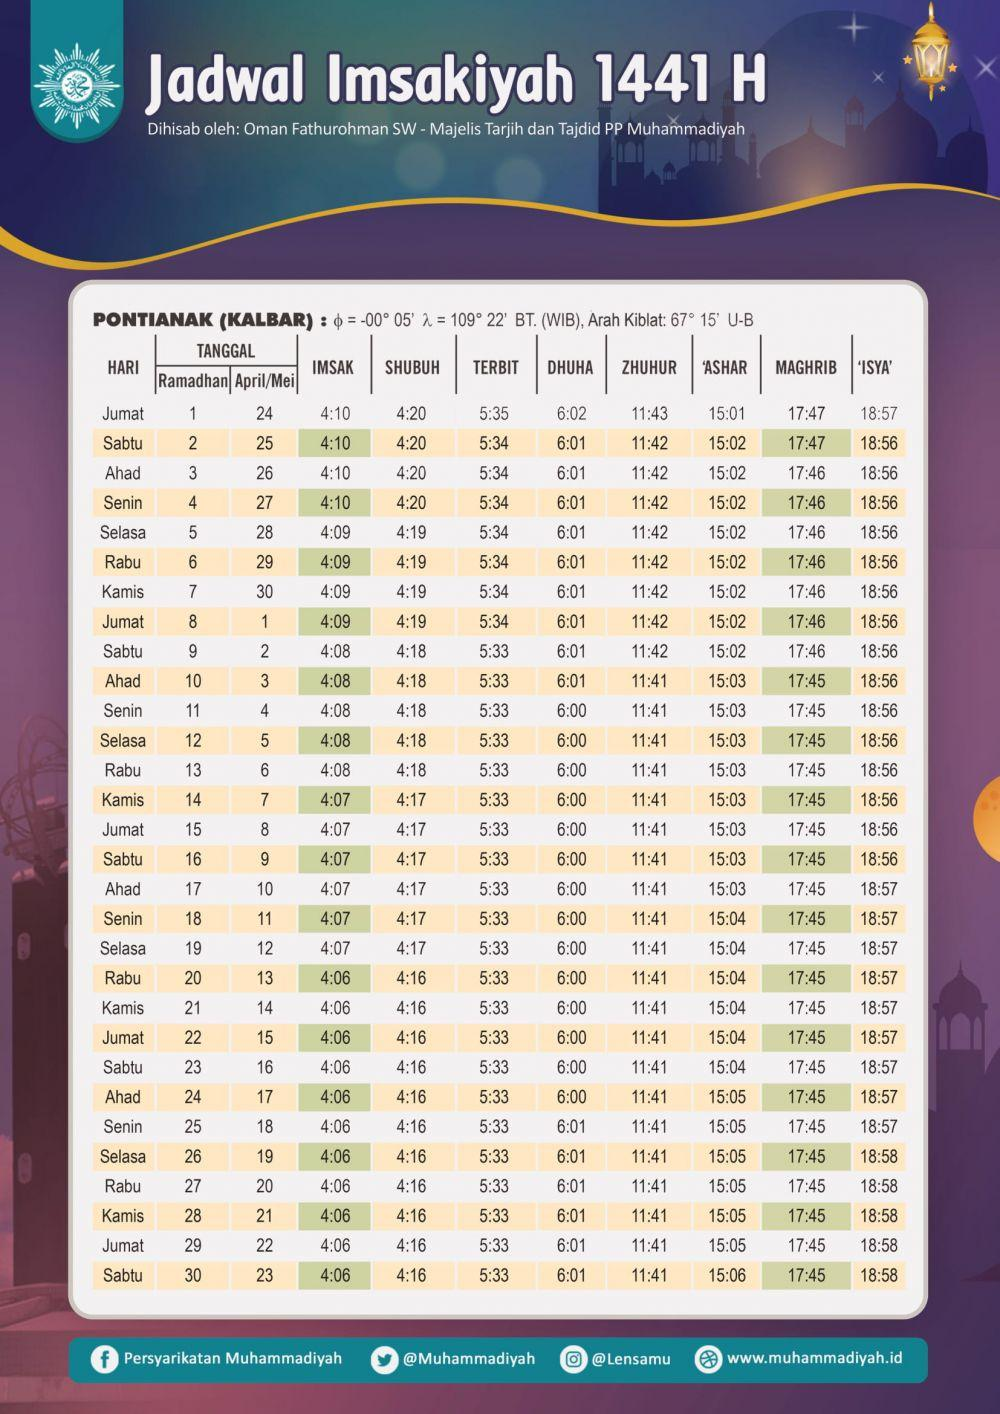 Jadwal Imsakiyah dan Buka Puasa Ramadan 1441 H/2020 M, Pontianak